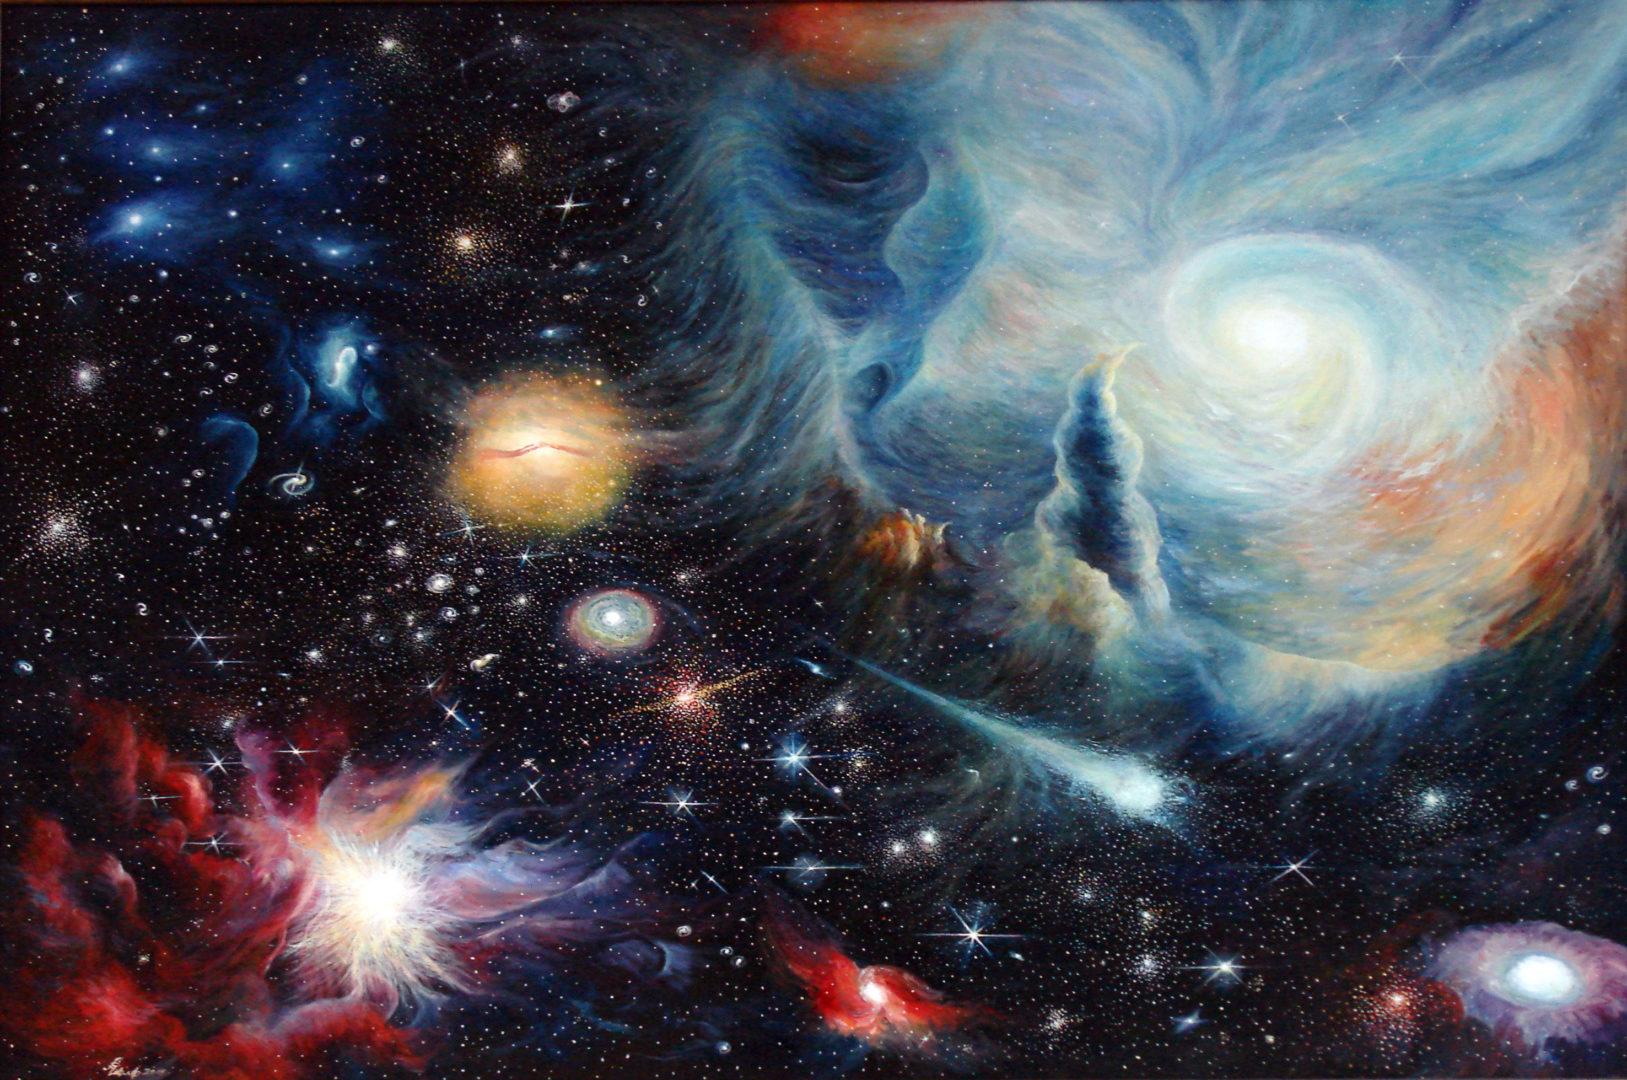 «Вселенная», Дмитрий Павлов, 2010, холст, масло